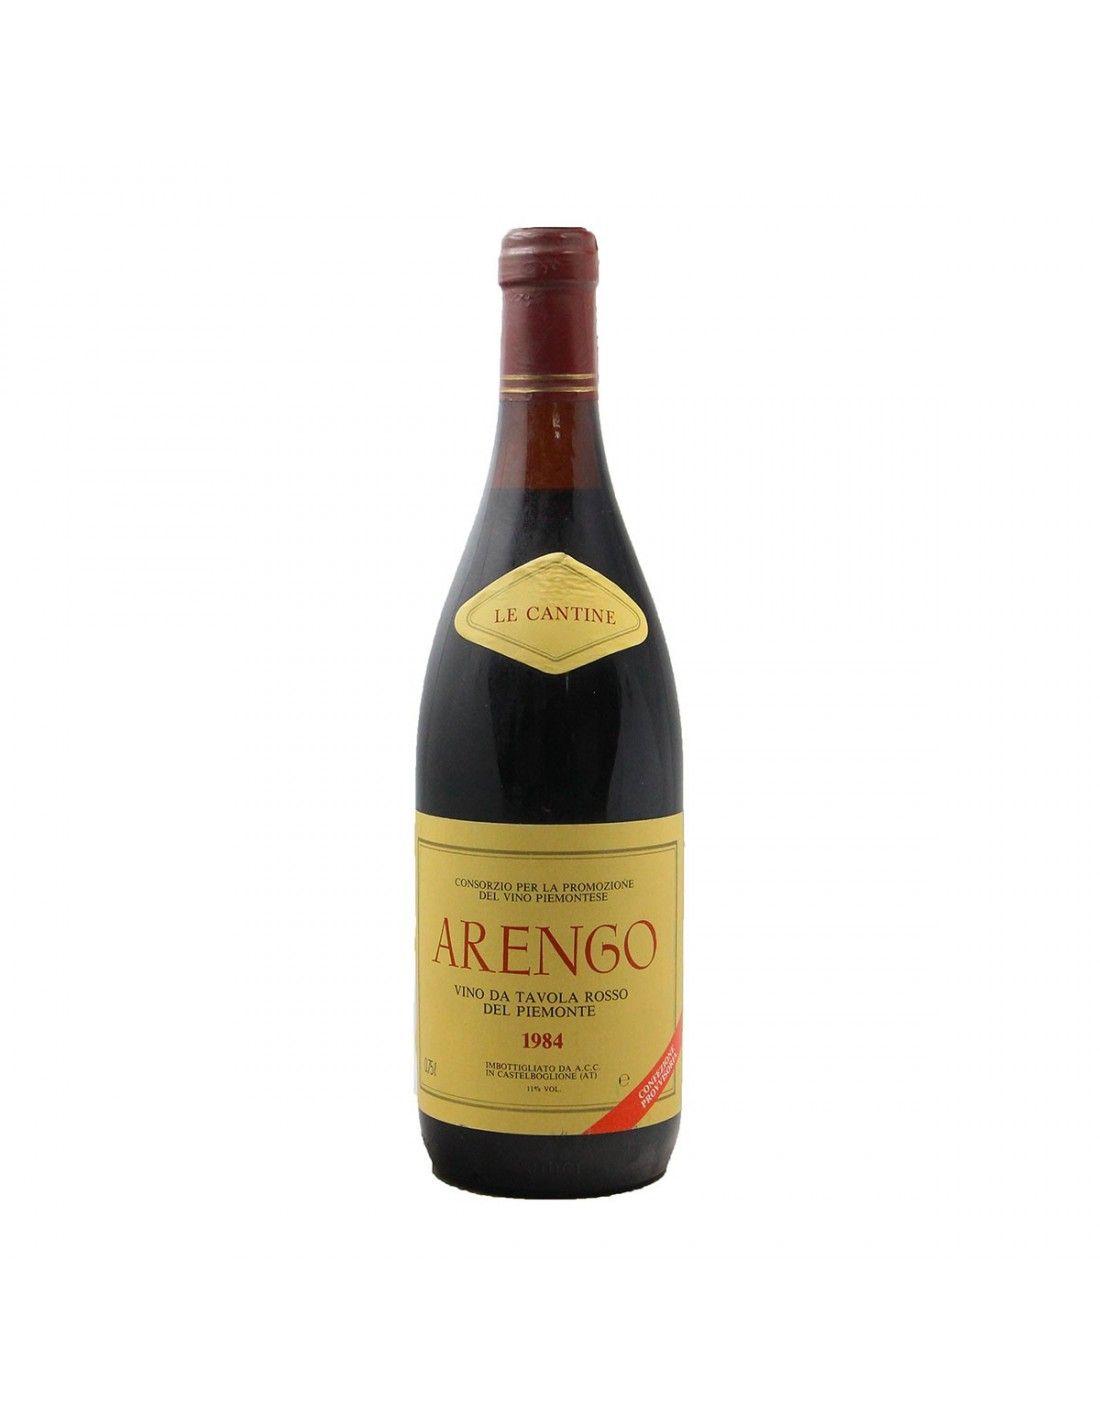 ARENGO 1984 PRO.VI.P. Grandi Bottiglie